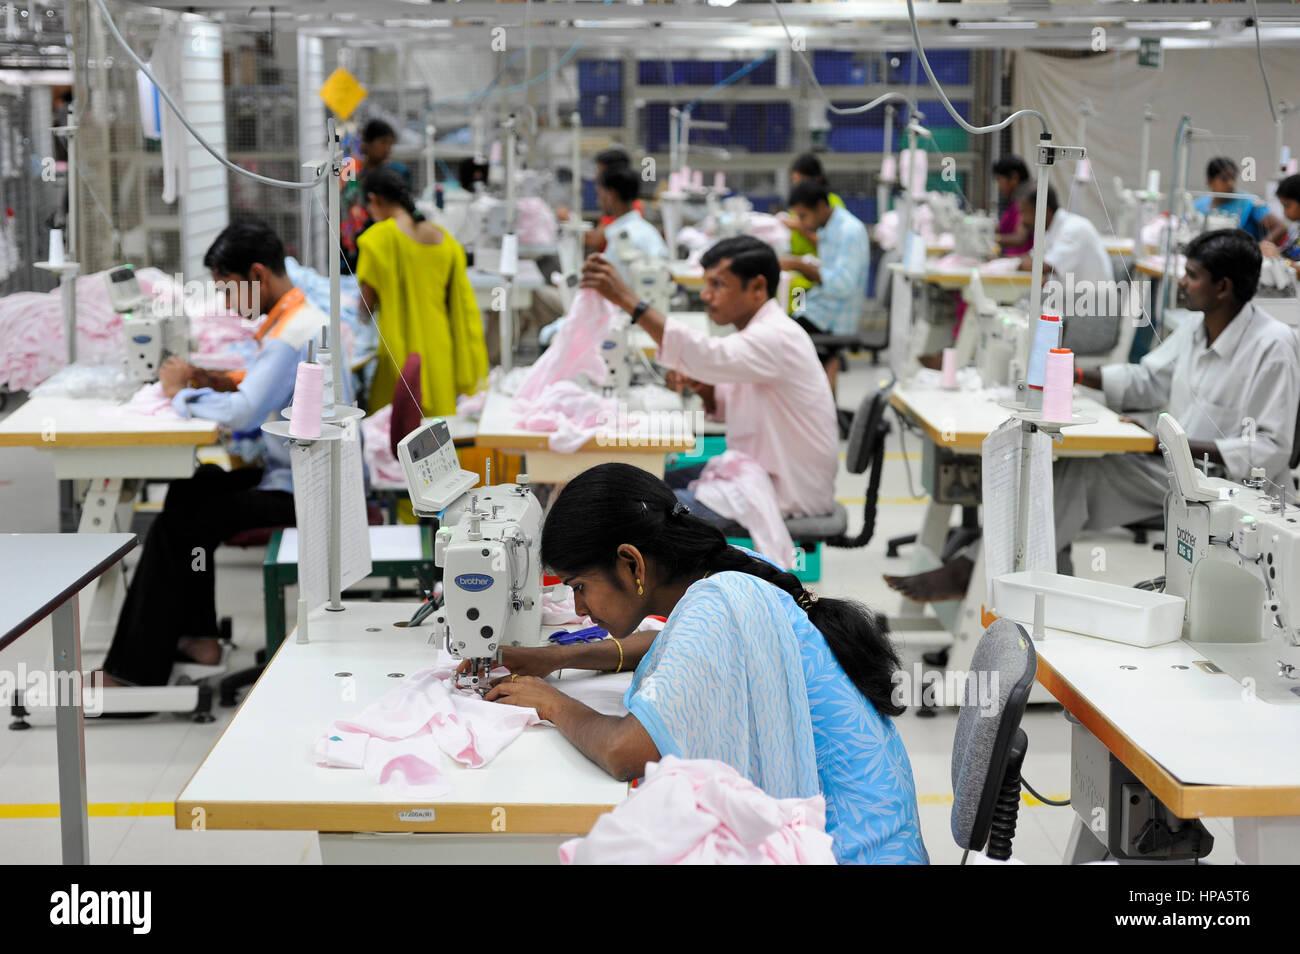 indien tirupur fair trade textil einheiten jahrhundert bekleidung produziert bio und fairtrade. Black Bedroom Furniture Sets. Home Design Ideas